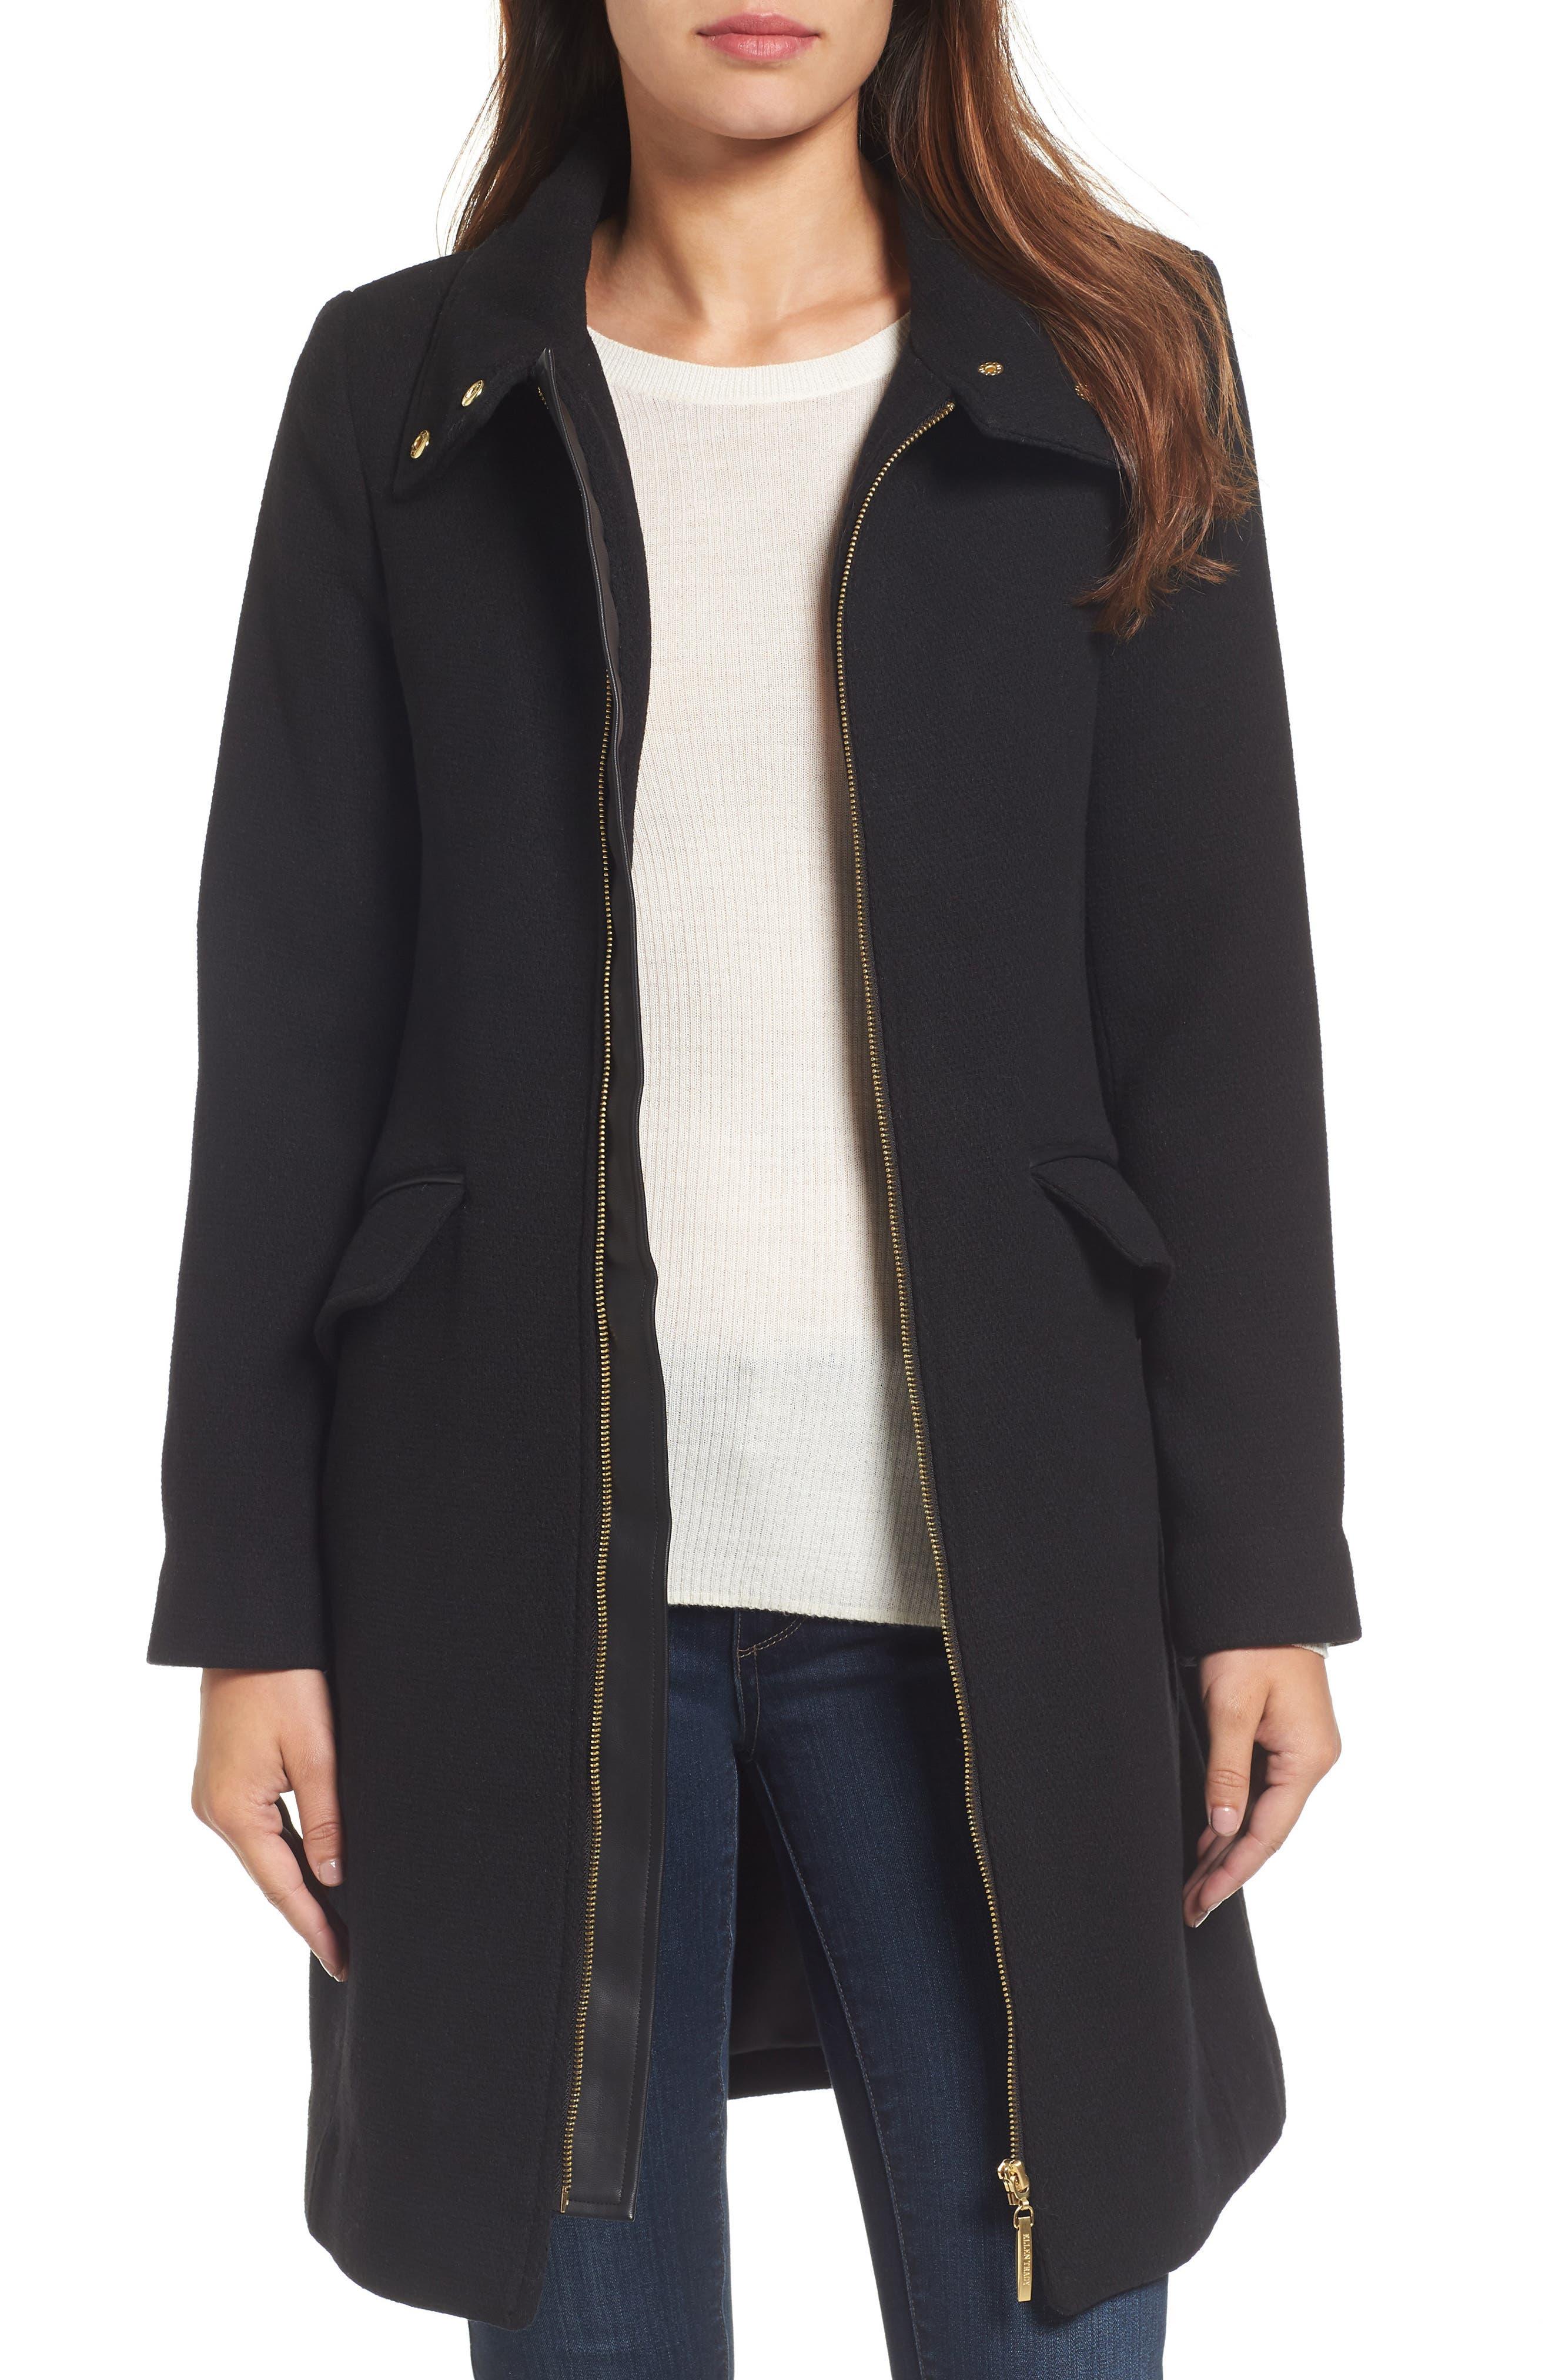 ELLEN TRACY A-Line Coat, Main, color, 001